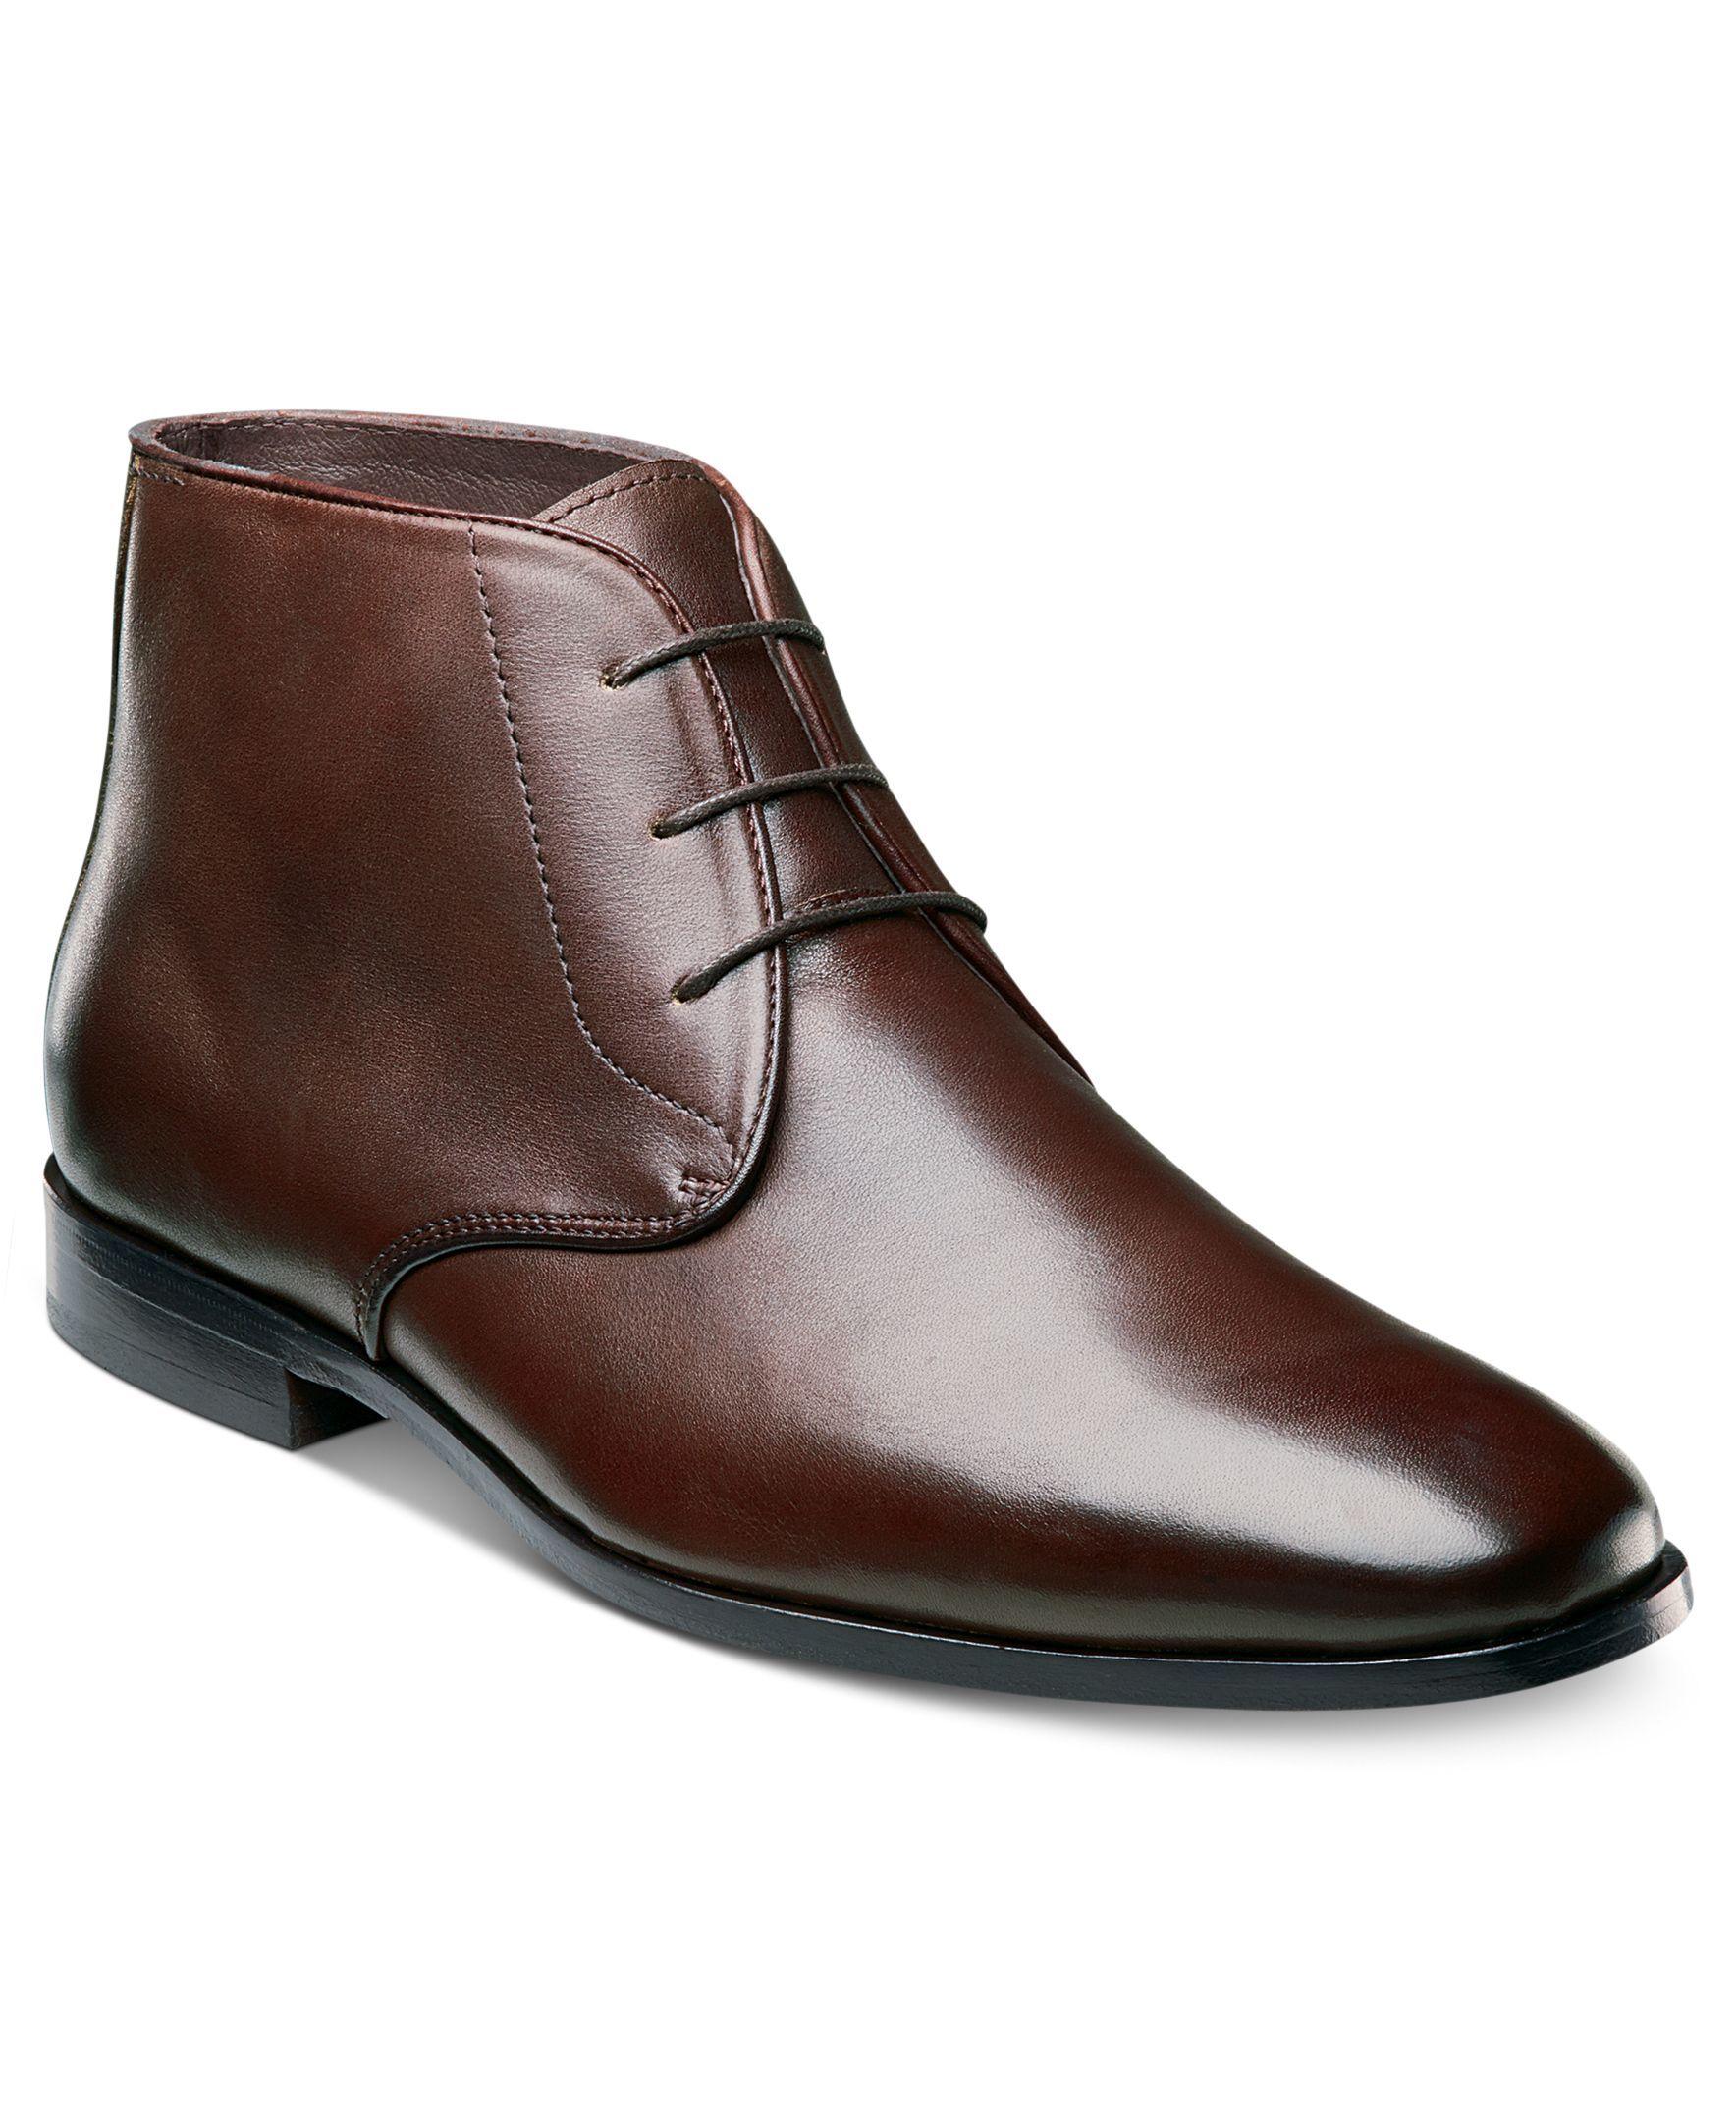 Dress shoes men, Chukka boots